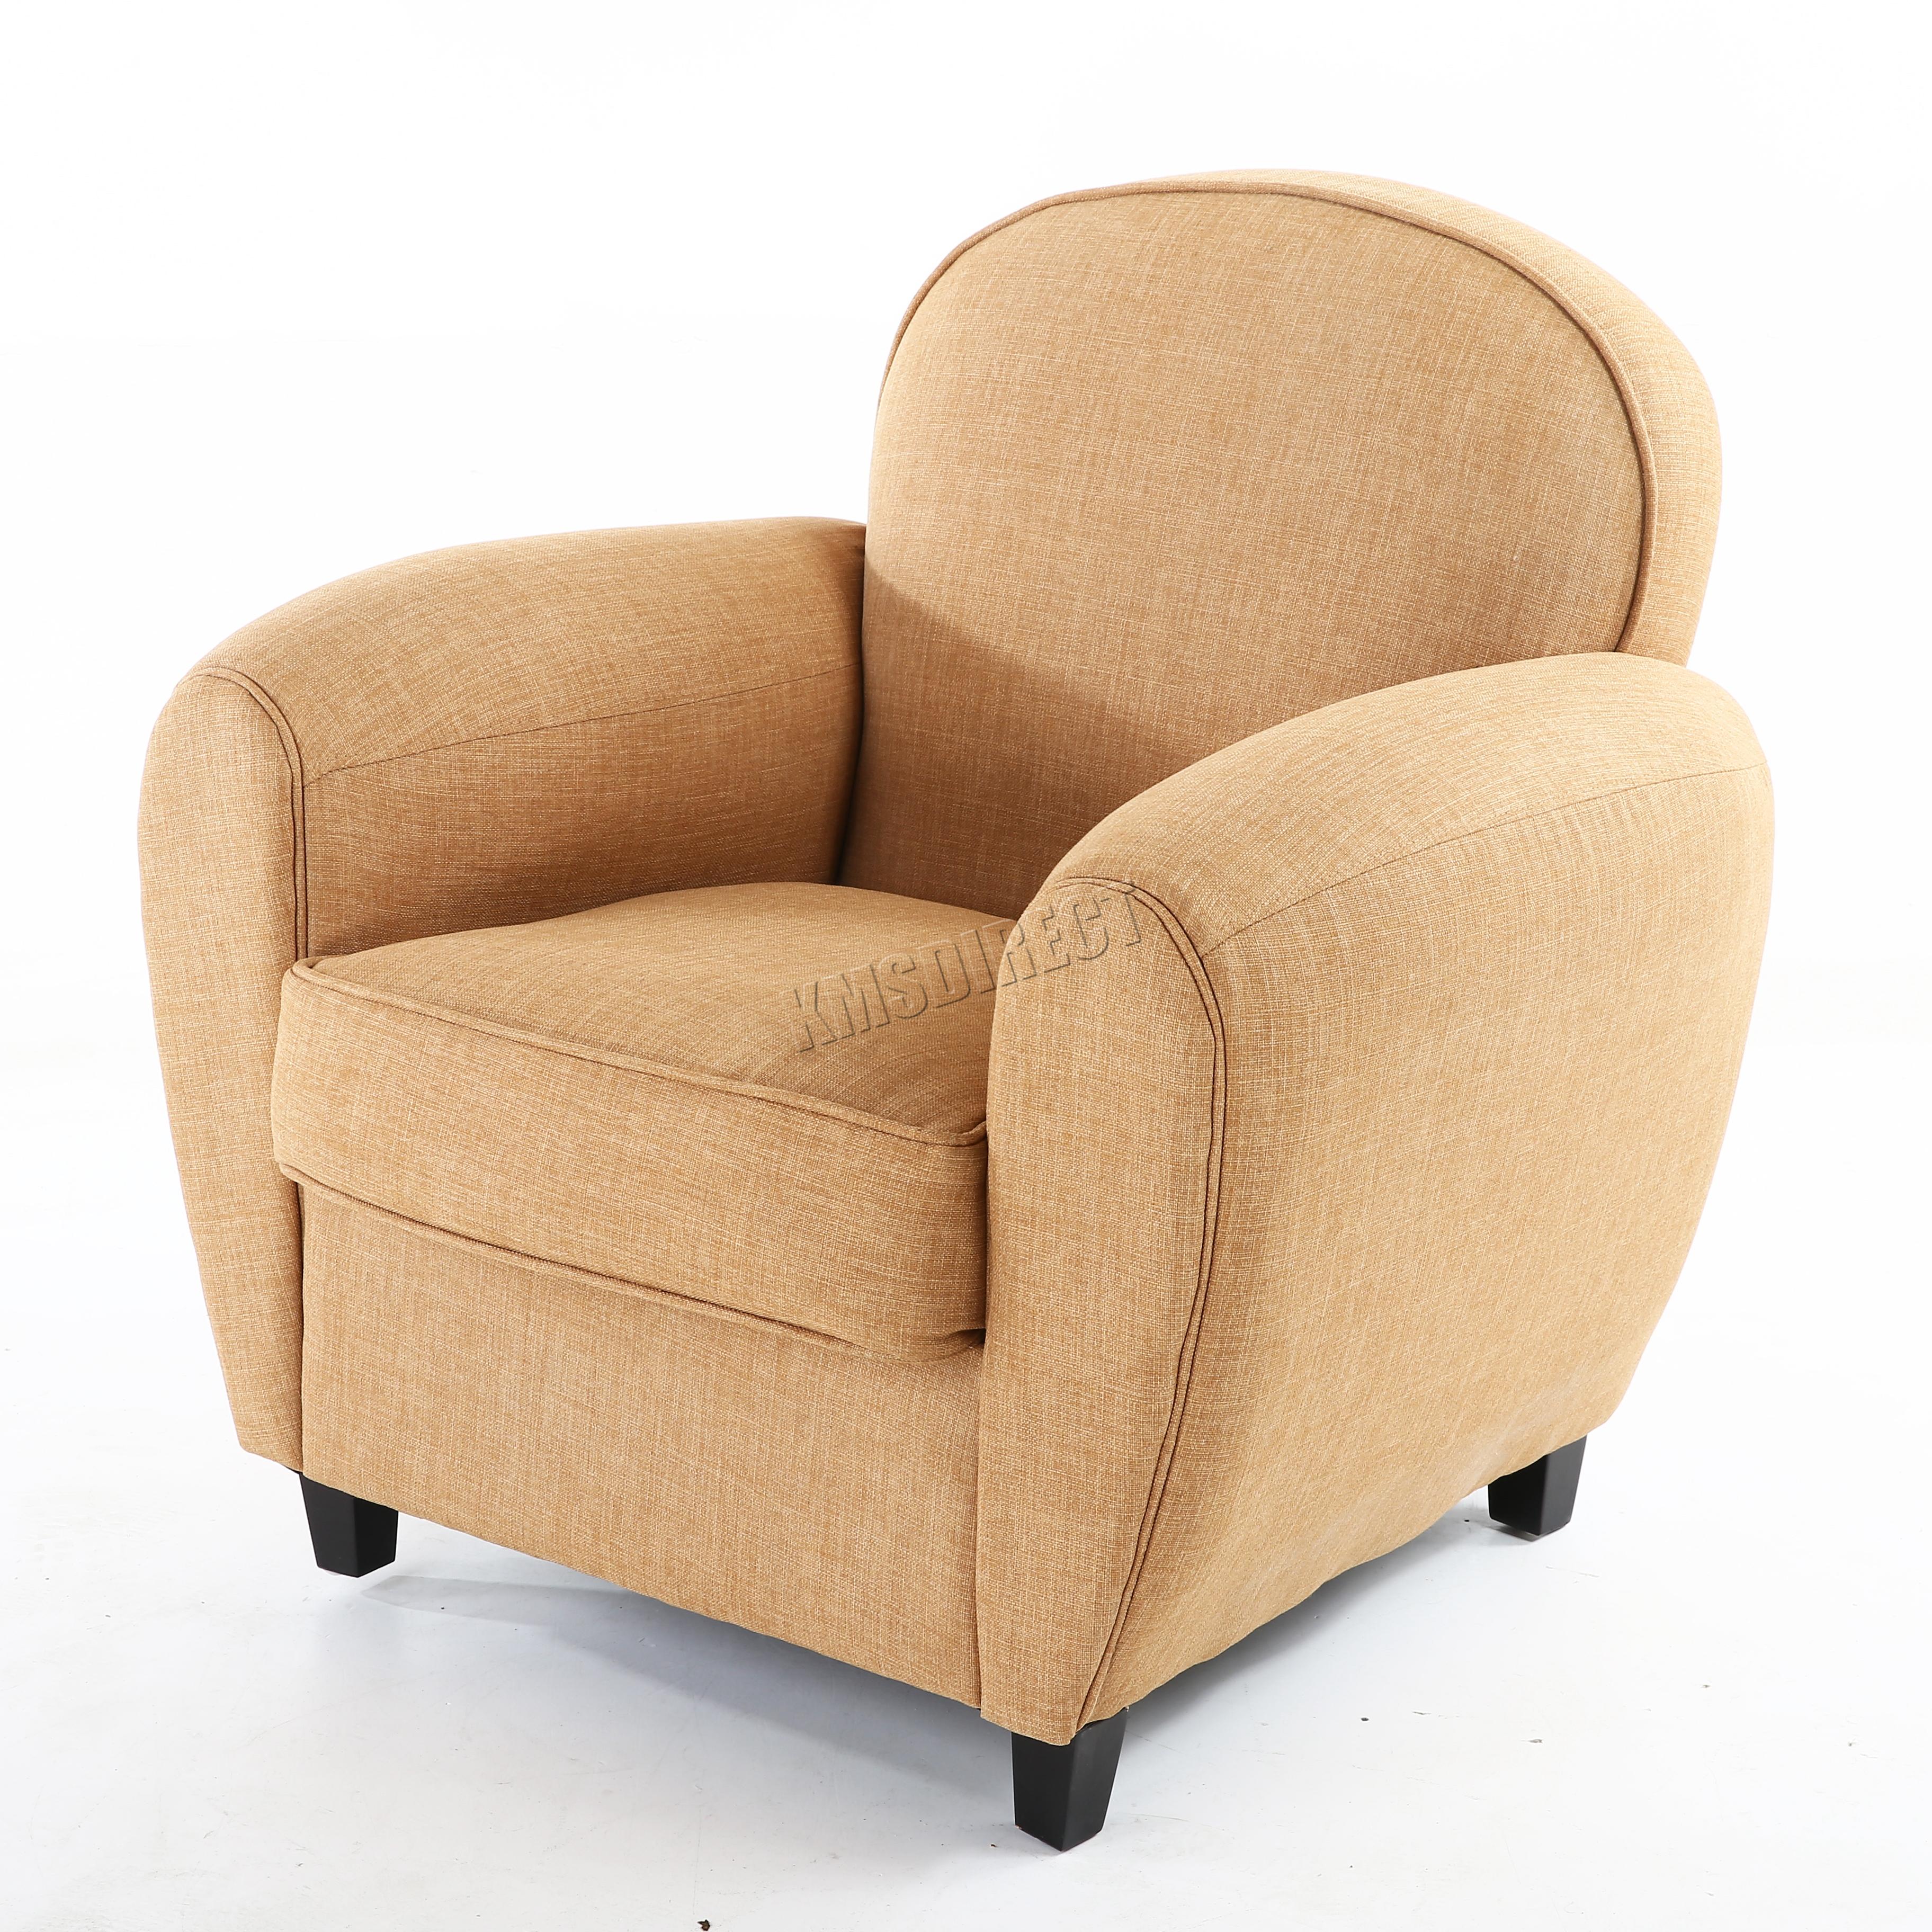 Foxhunter tessuto lino poltrona a pozzetto 2094 divano sala soggiorno marrone ebay - Divano traduzione inglese ...